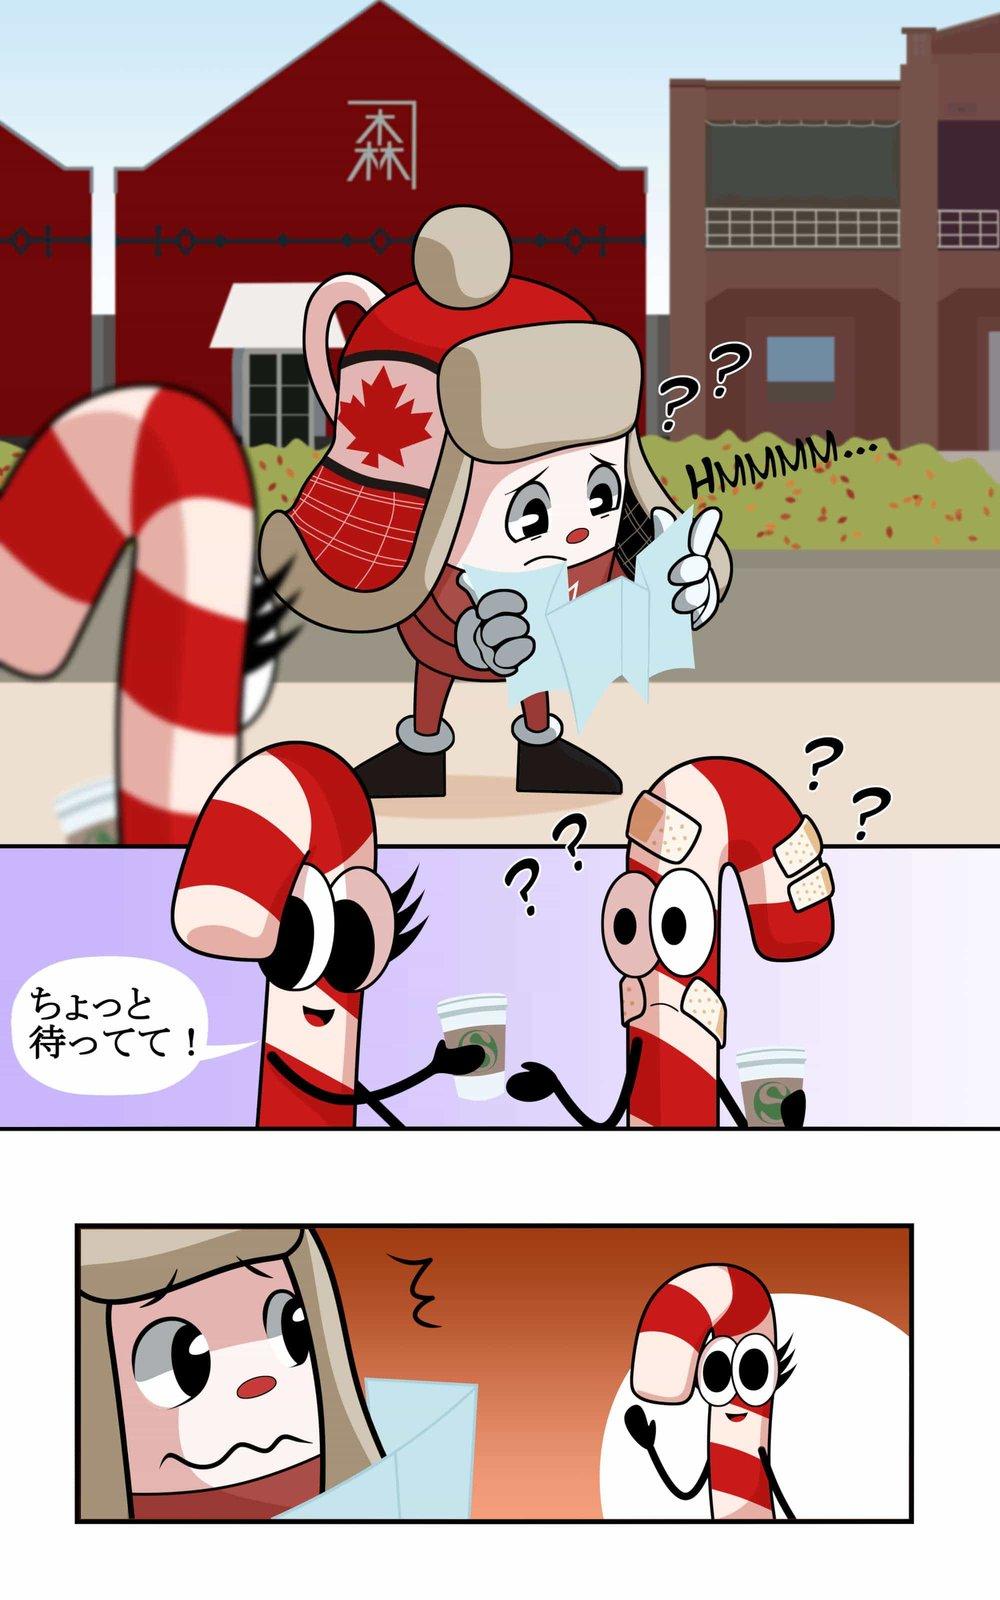 Taco Cat_3-min.jpg